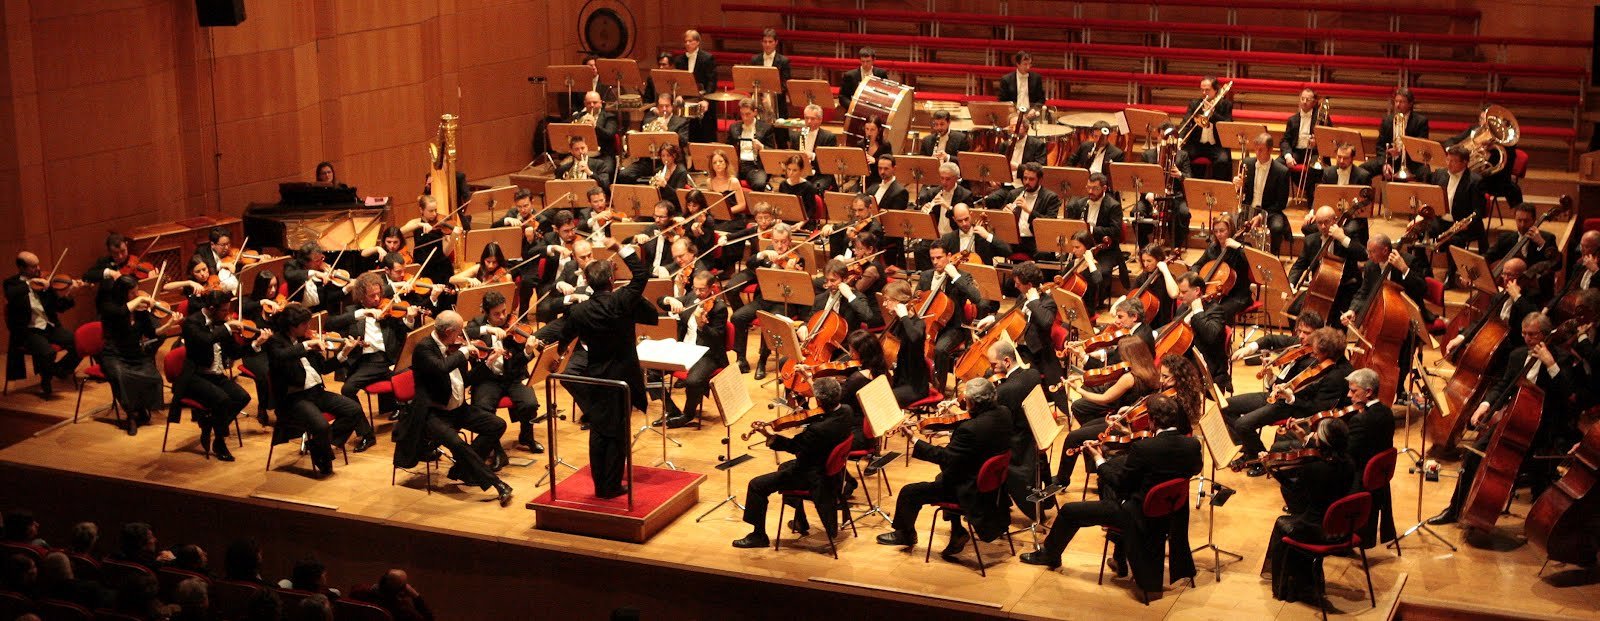 Da vivaldi a rolla stagione di musica classica a frosinone for Musica classica